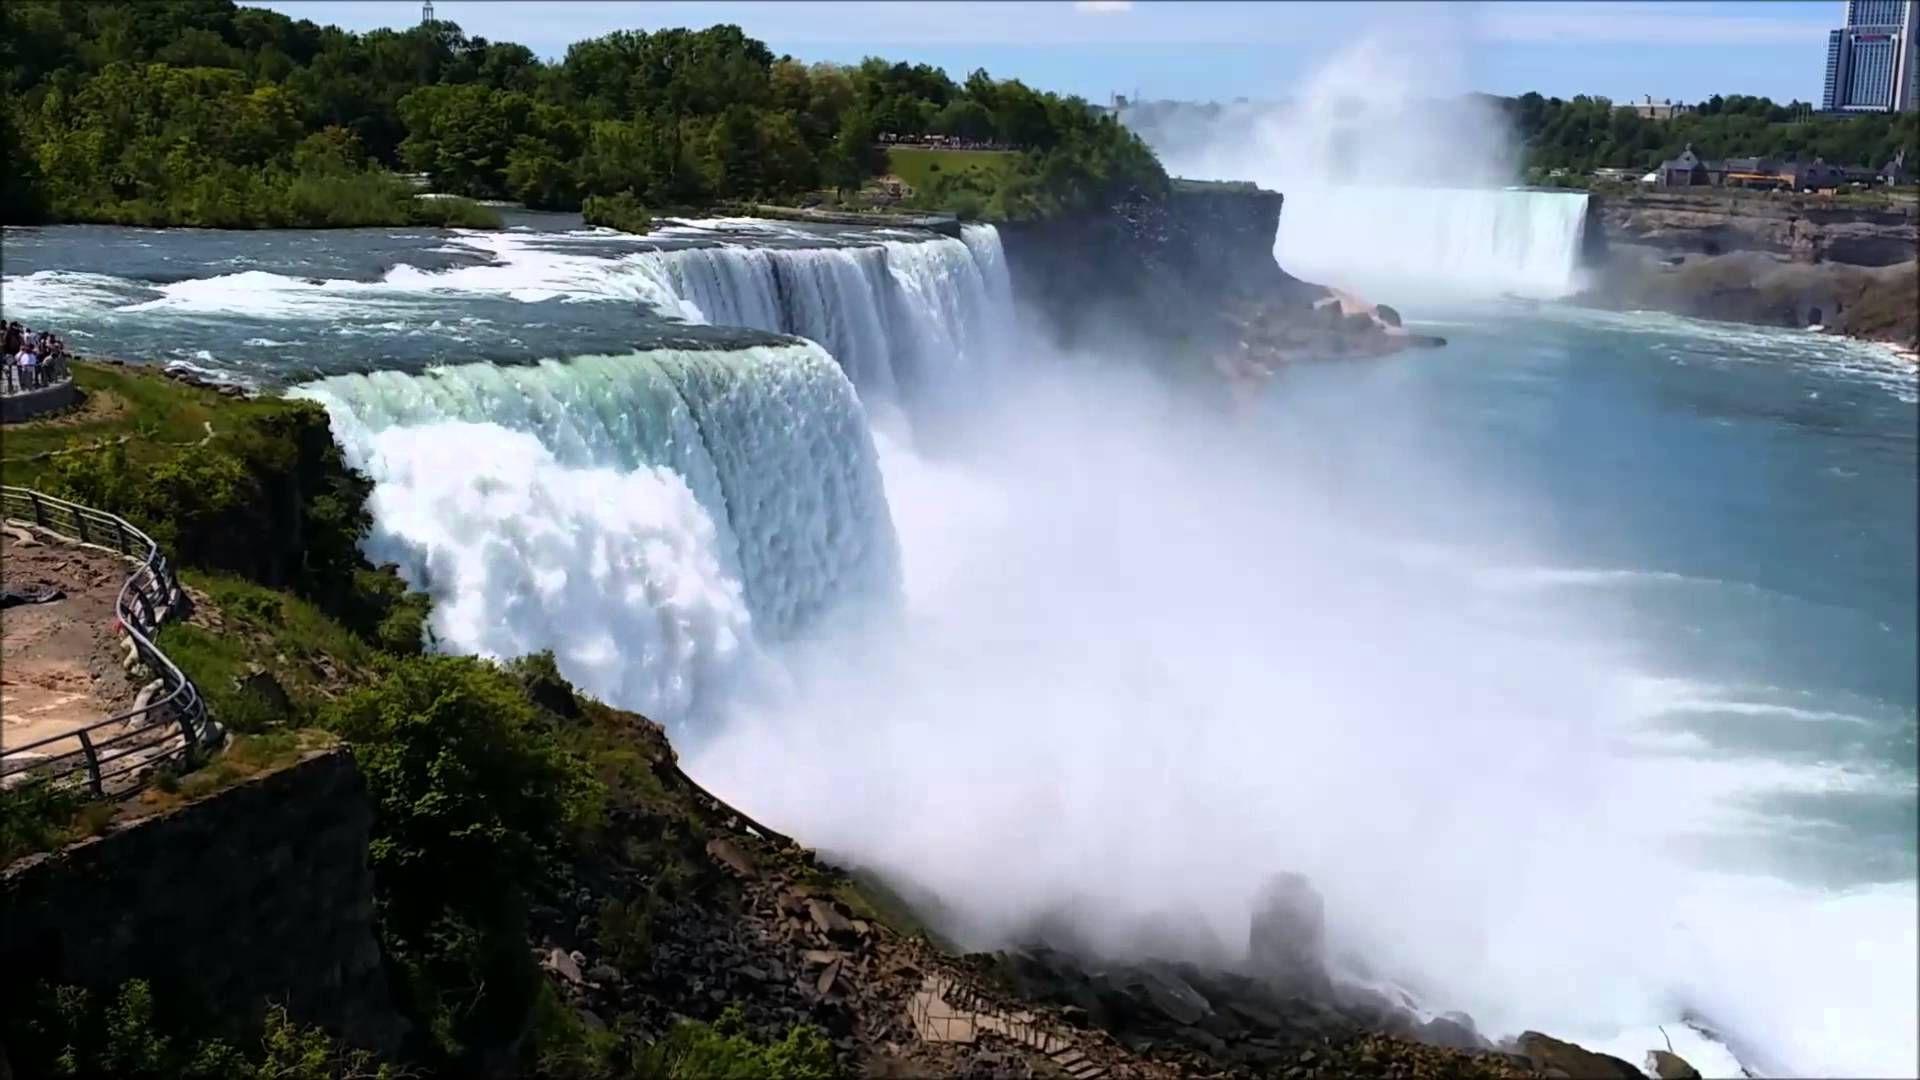 Pin On My Home Town Niagara Falls